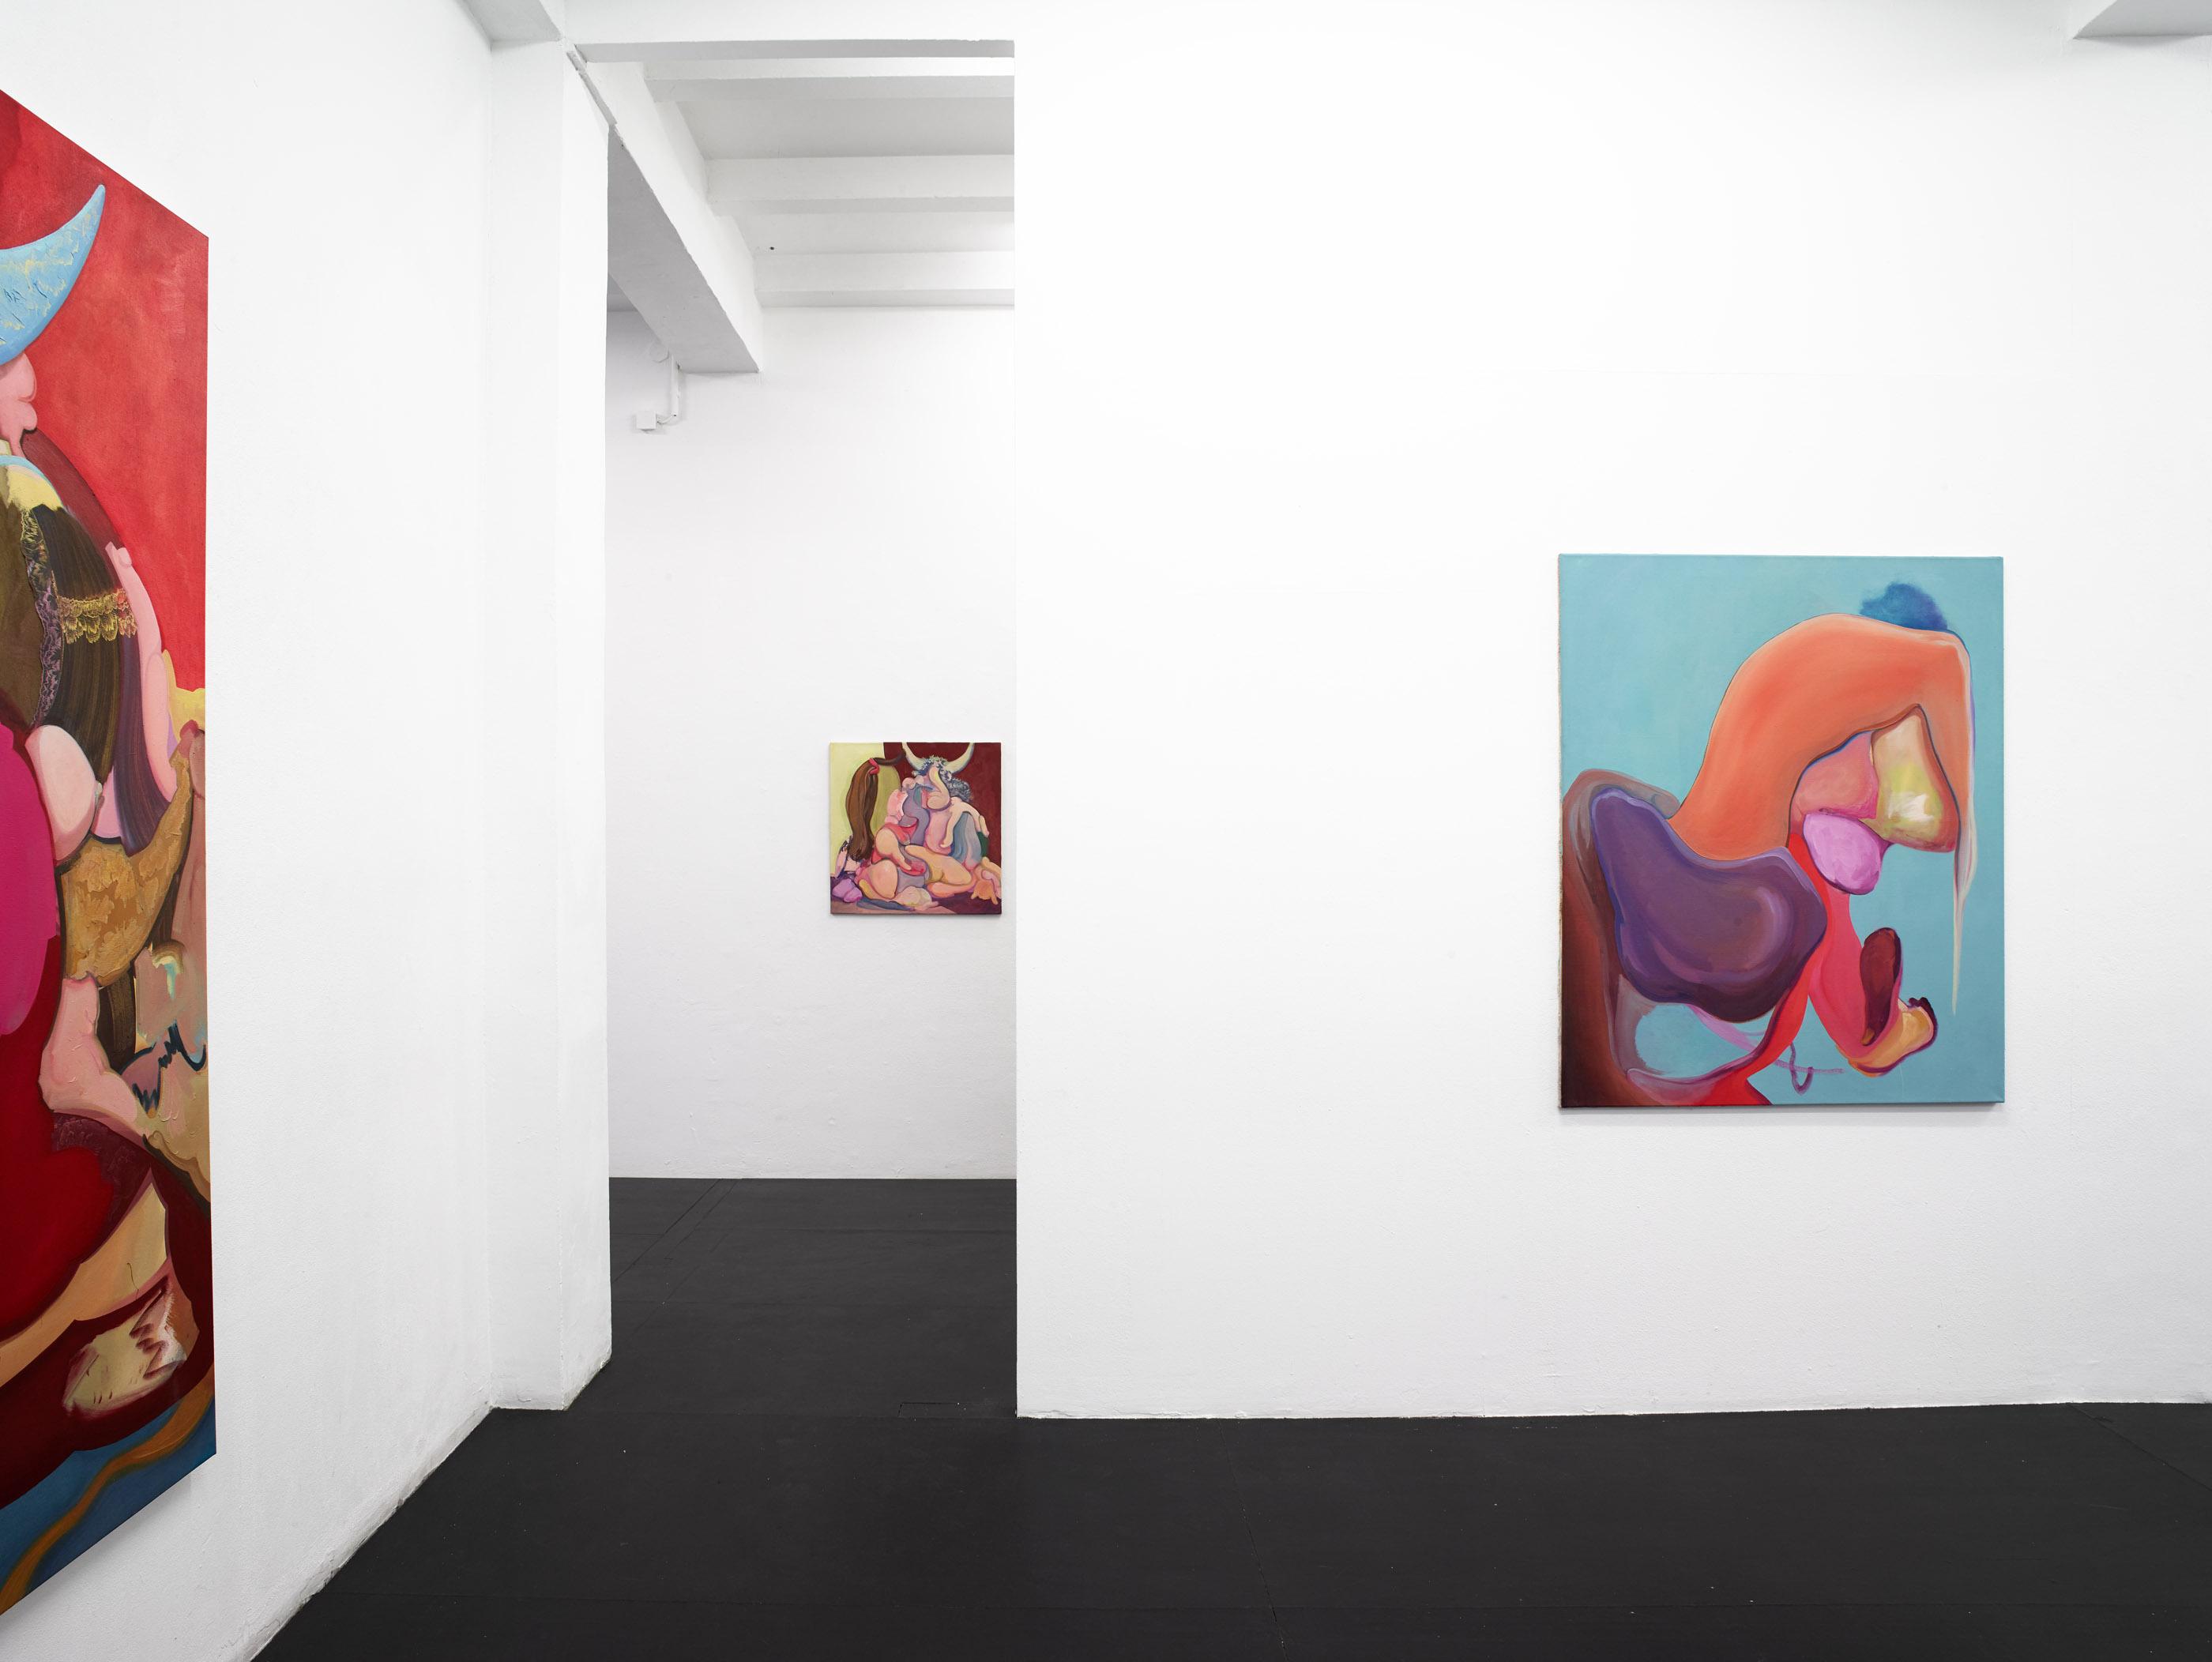 Ausstellungsansicht aus der Galerie Mathias Güntner